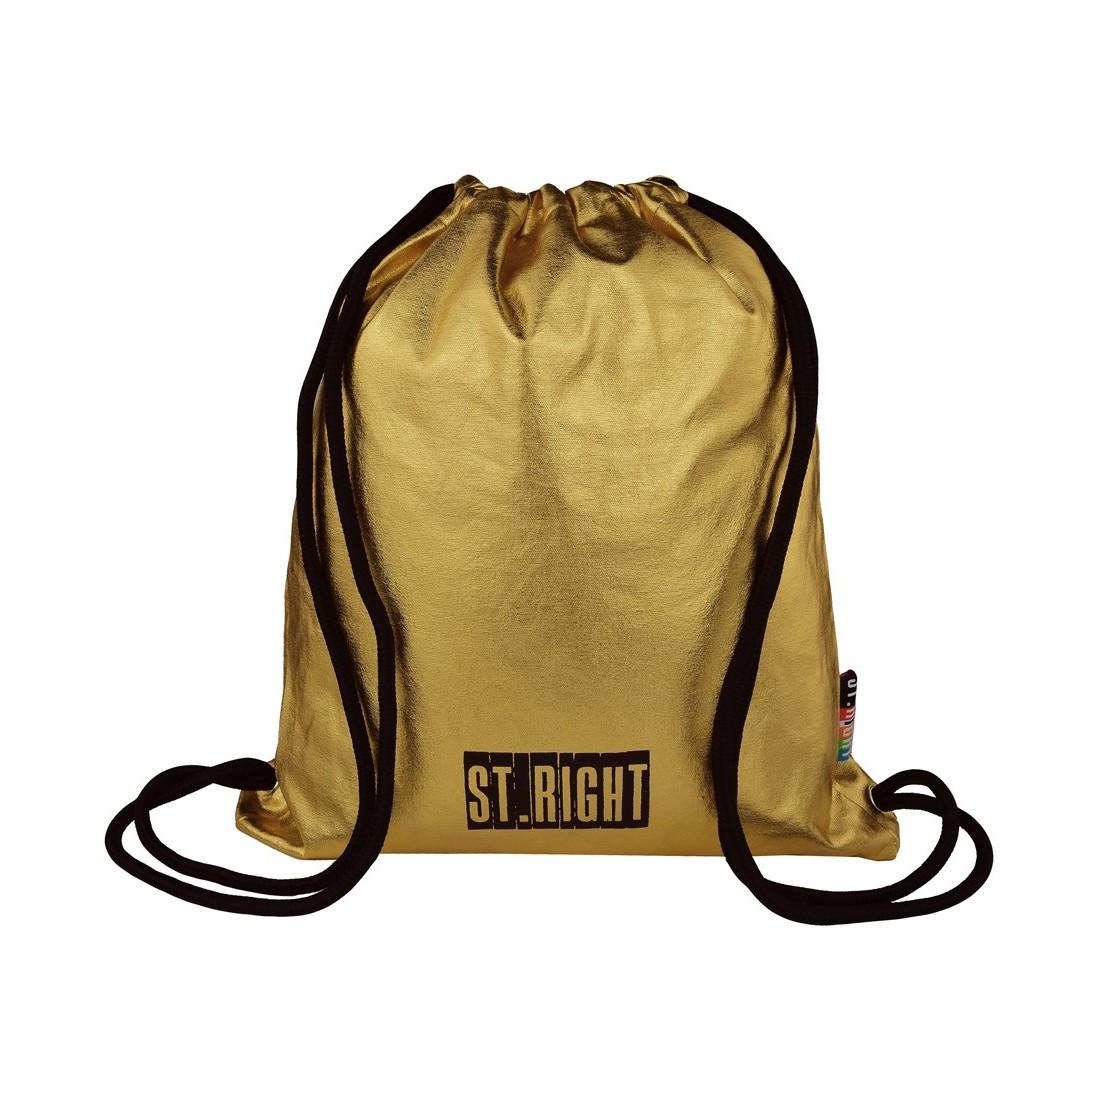 6a2566966efdd Worek   plecak na sznurkach ST.RIGHT GOLD złoty dla dziewczyny ...